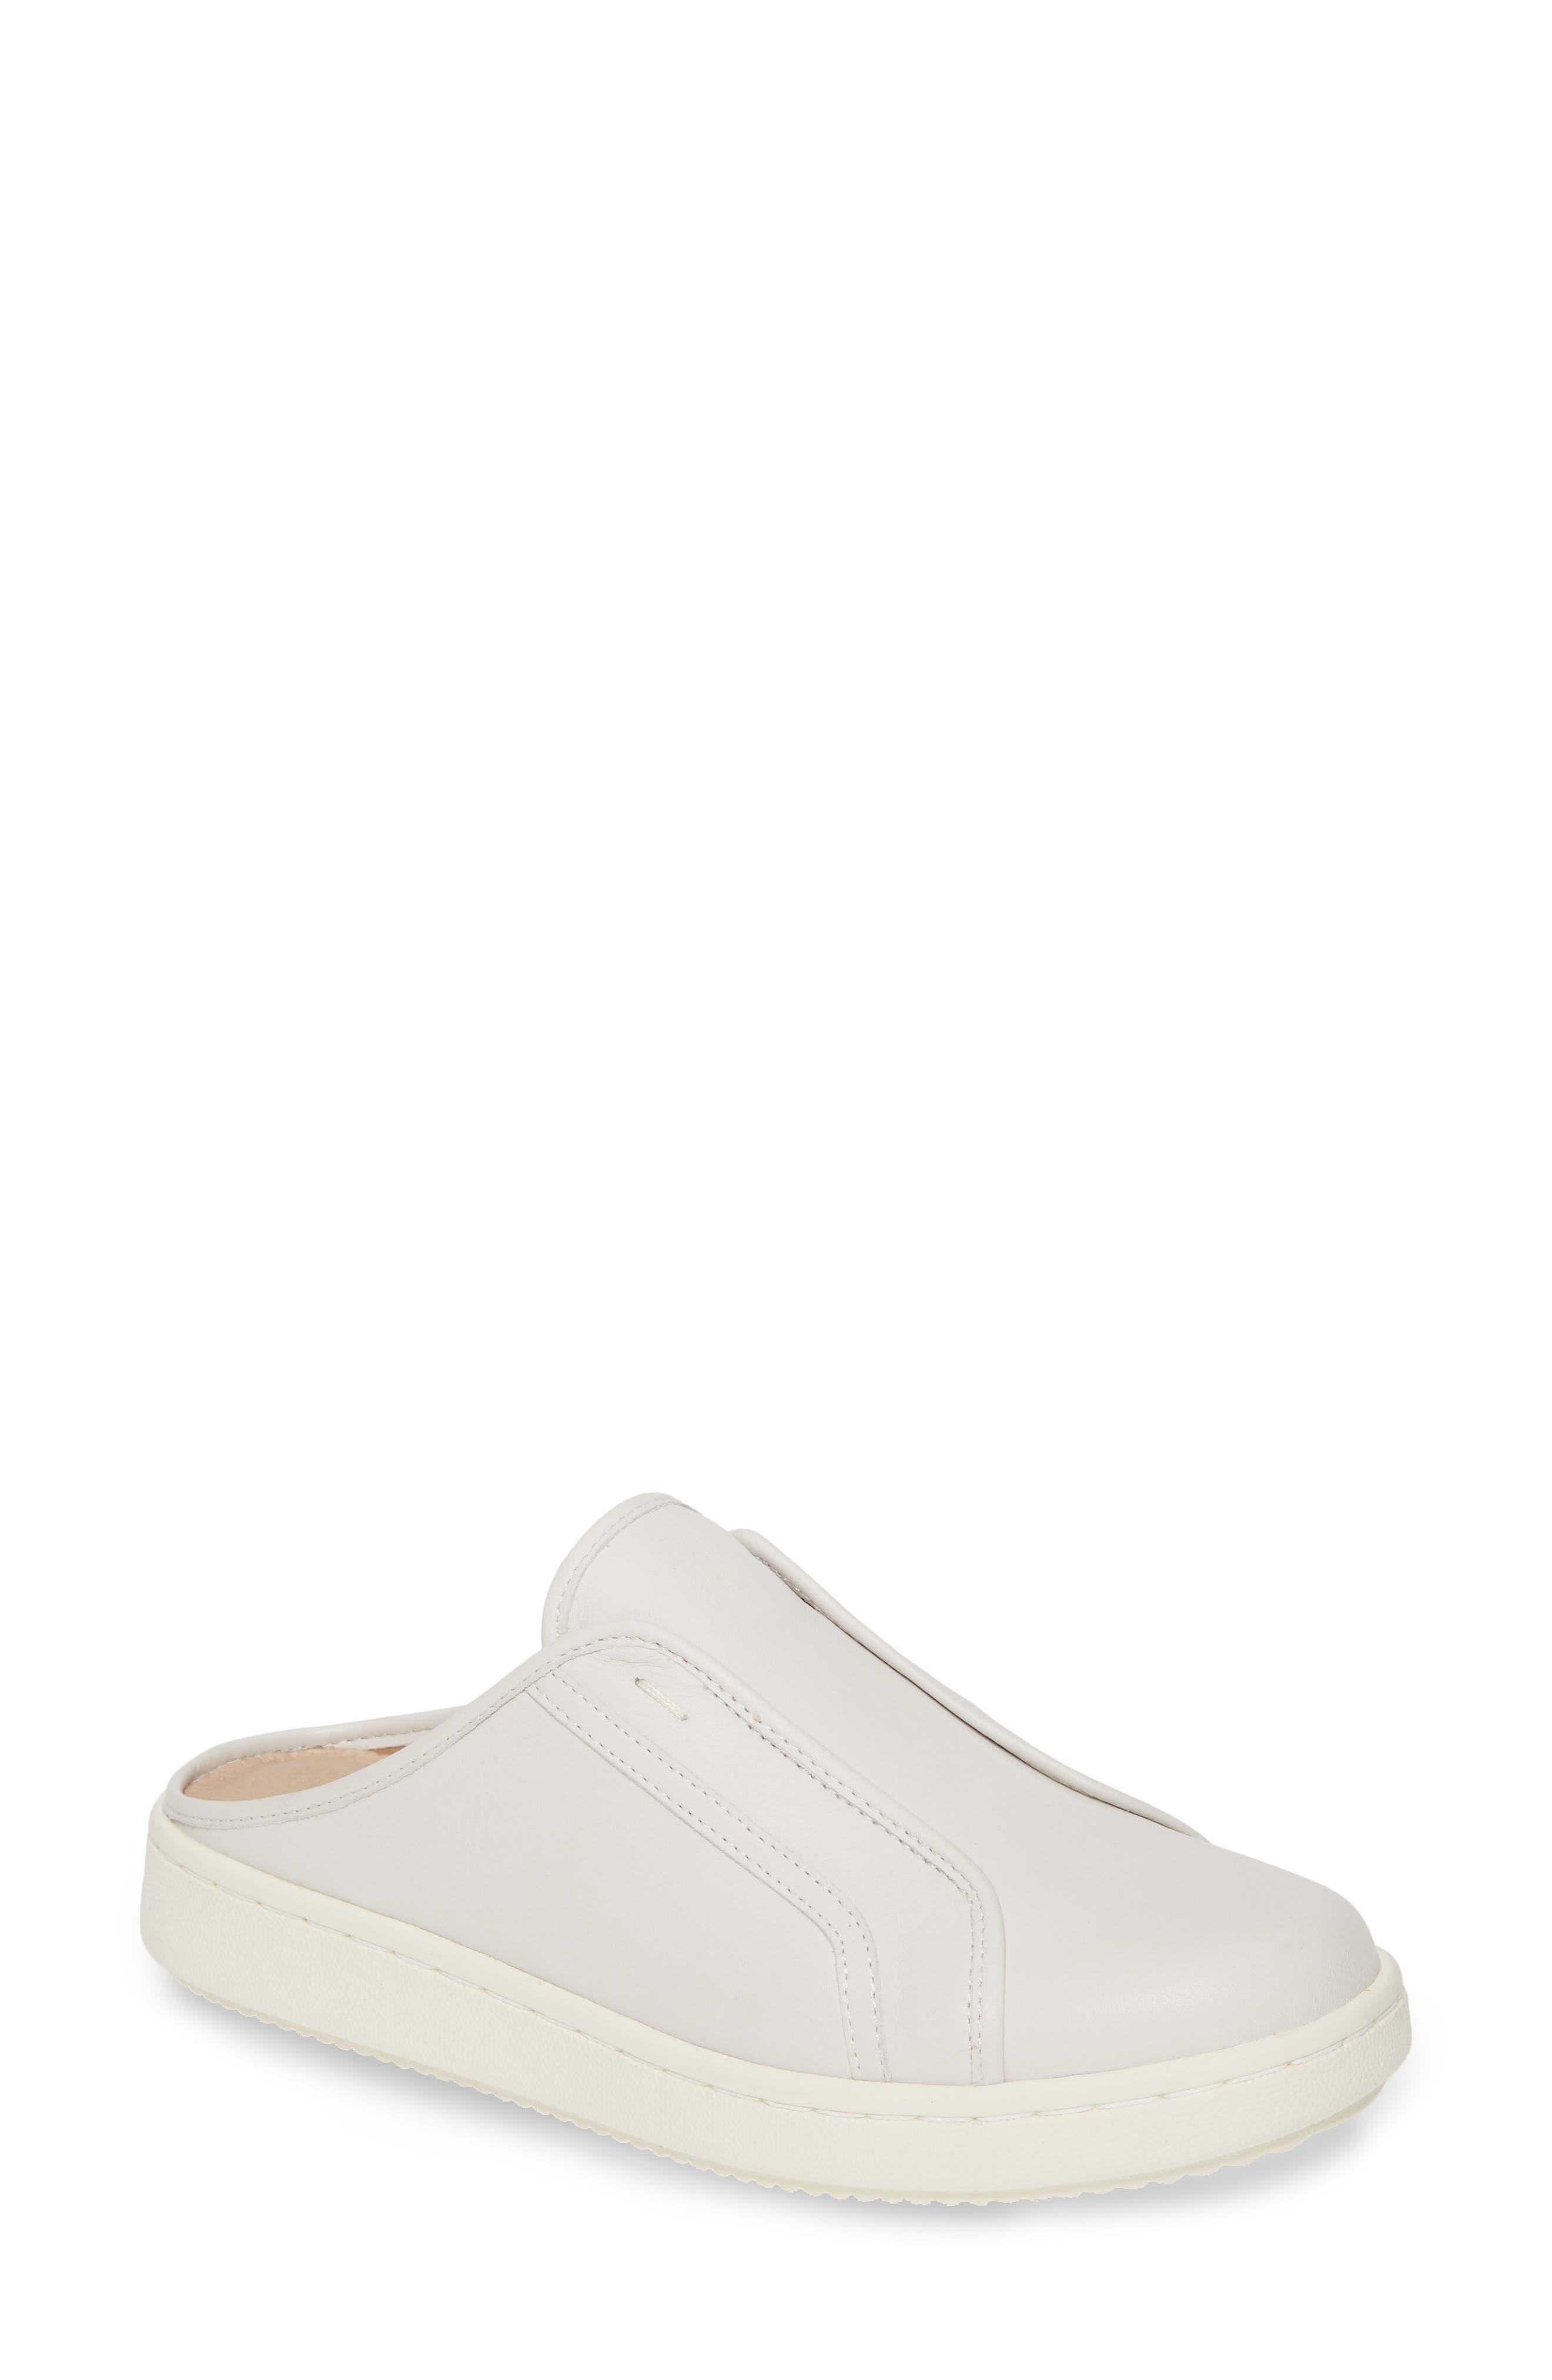 Eileen Fisher News Slip-On Sneaker, White